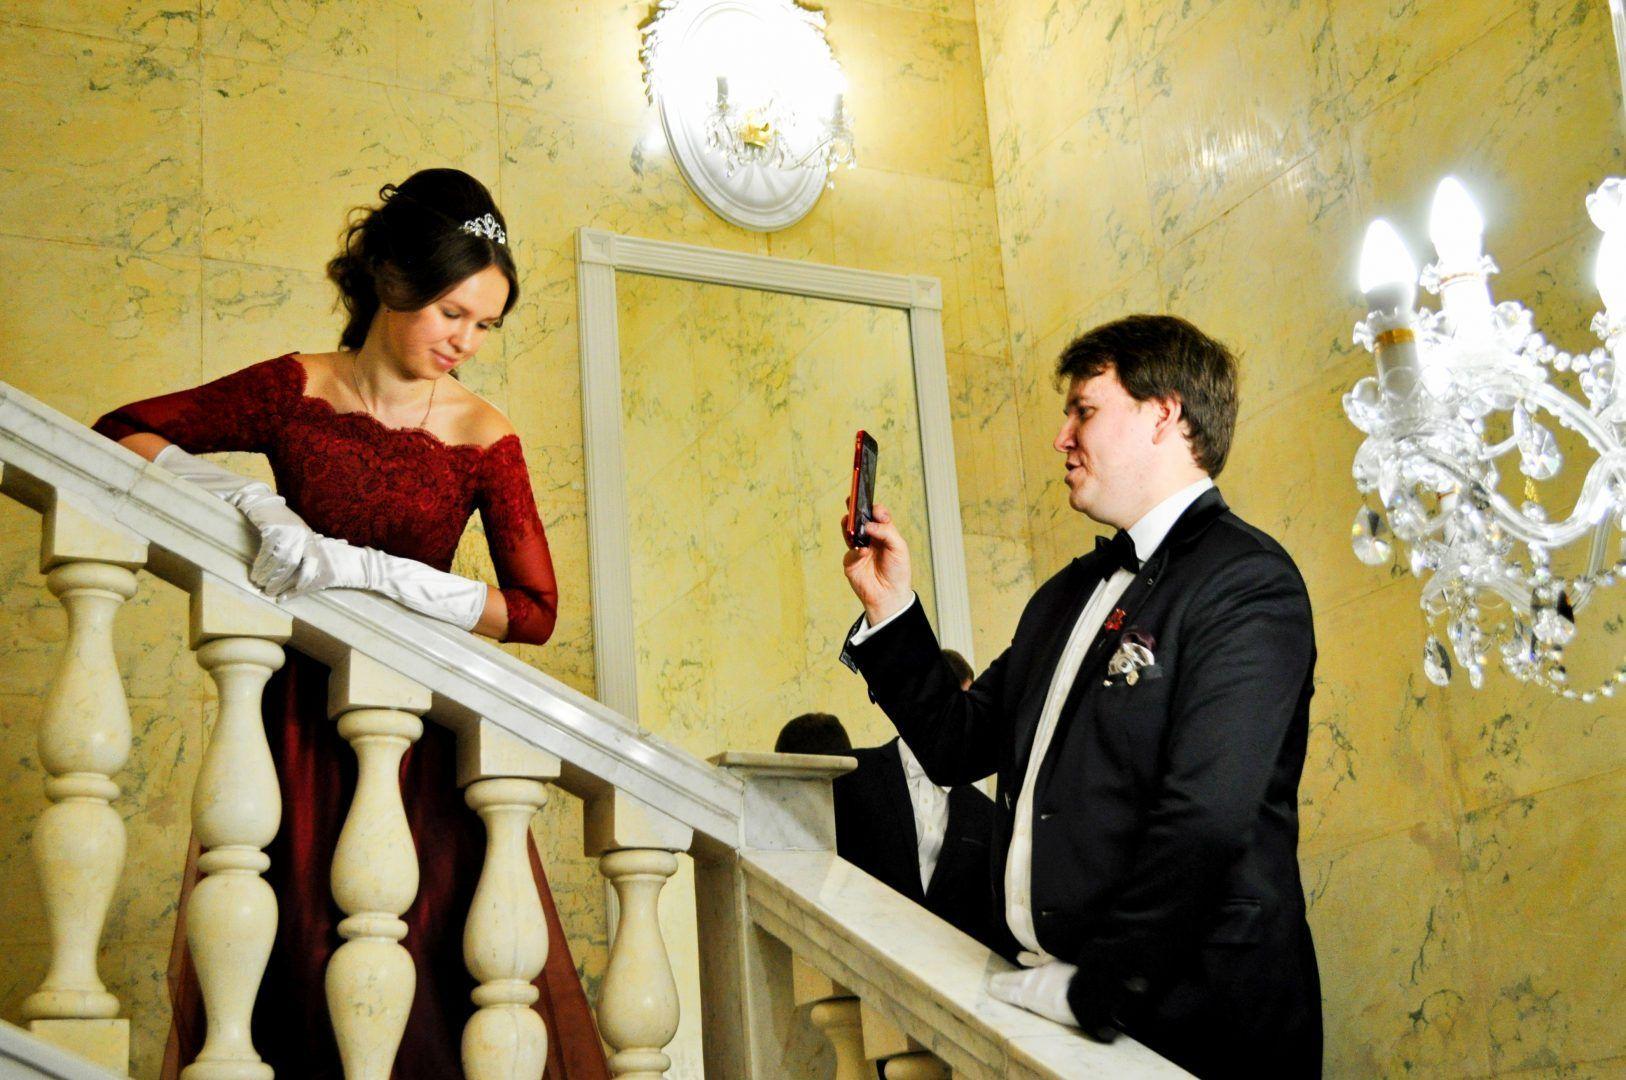 Многие участники не упустили возможность сфотографироваться на мраморной лестнице усадьбы. Фото: Никита Нестеров